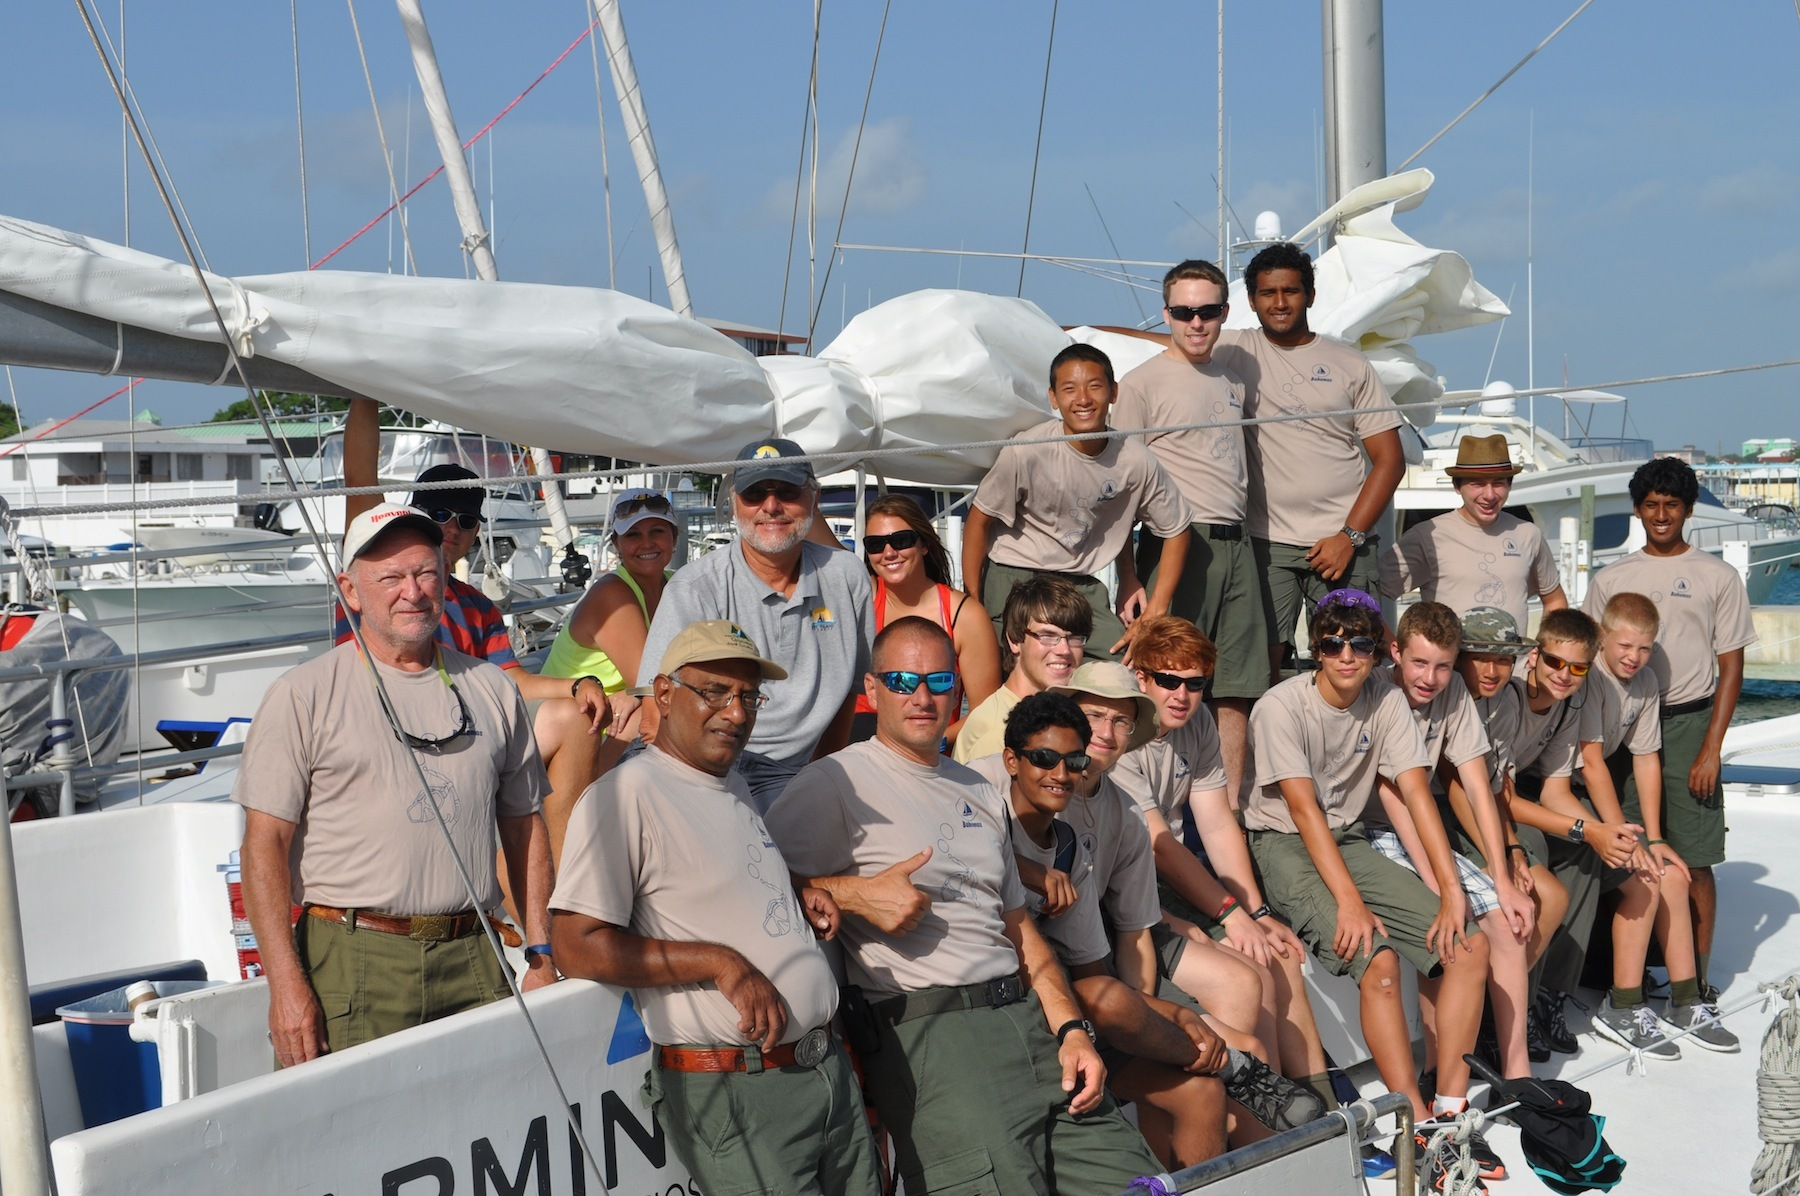 4cc007b3fdaae90bce99_Bahamas_Avalon_Crew_2013.jpg